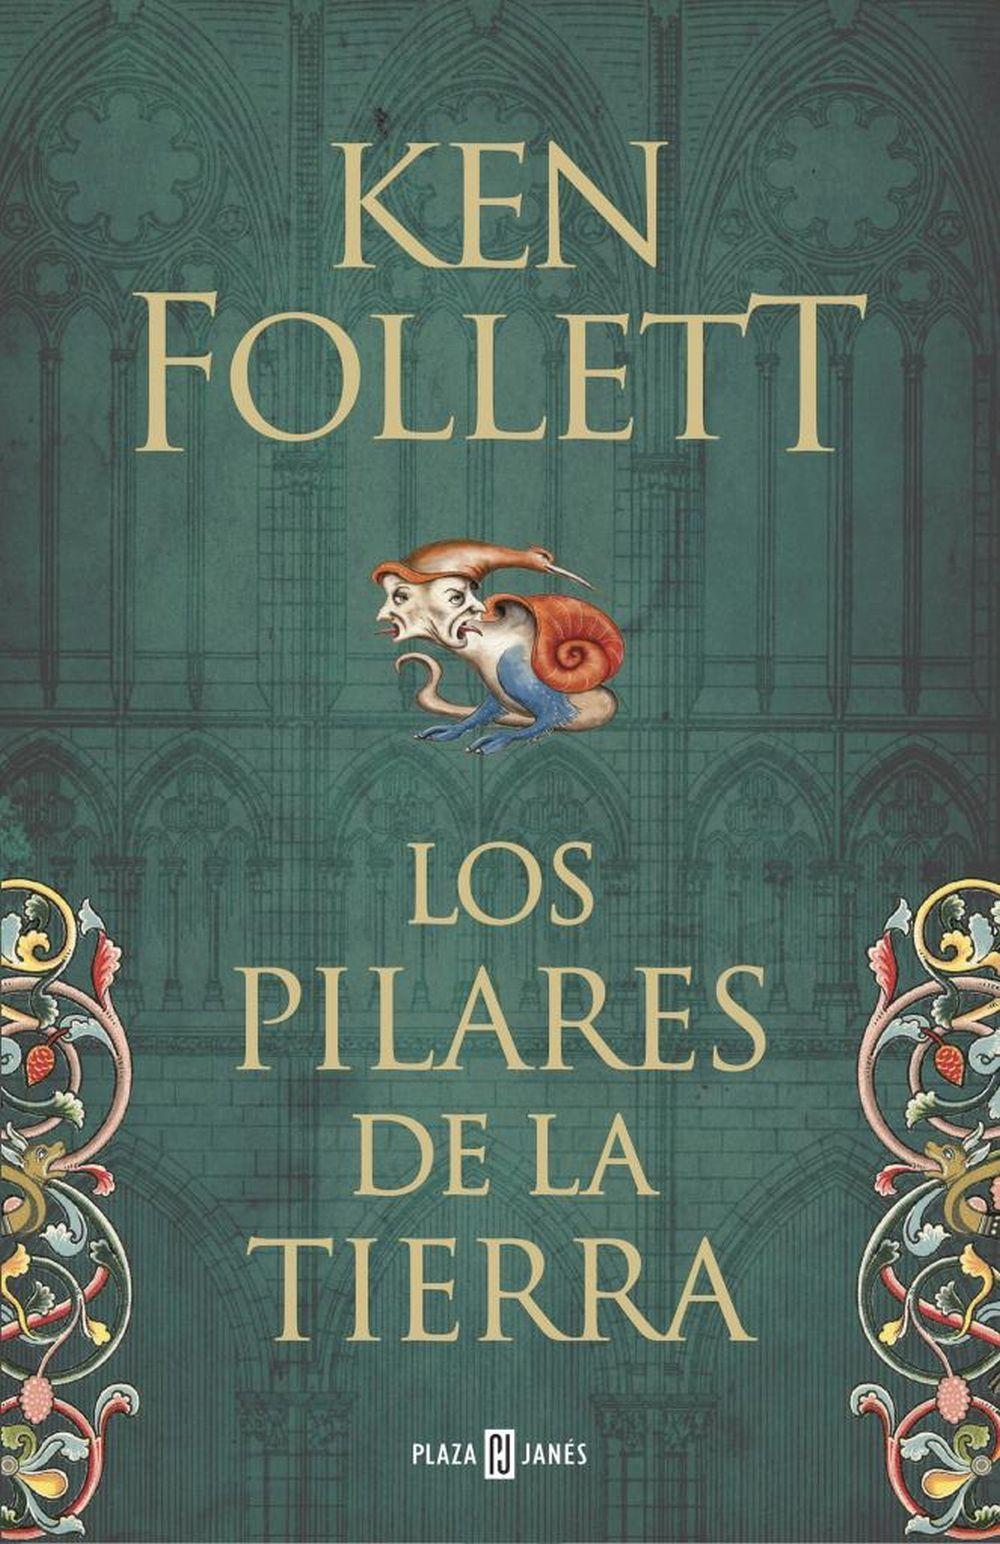 Primer volumen de la trilogía Los pilares de la tierra.